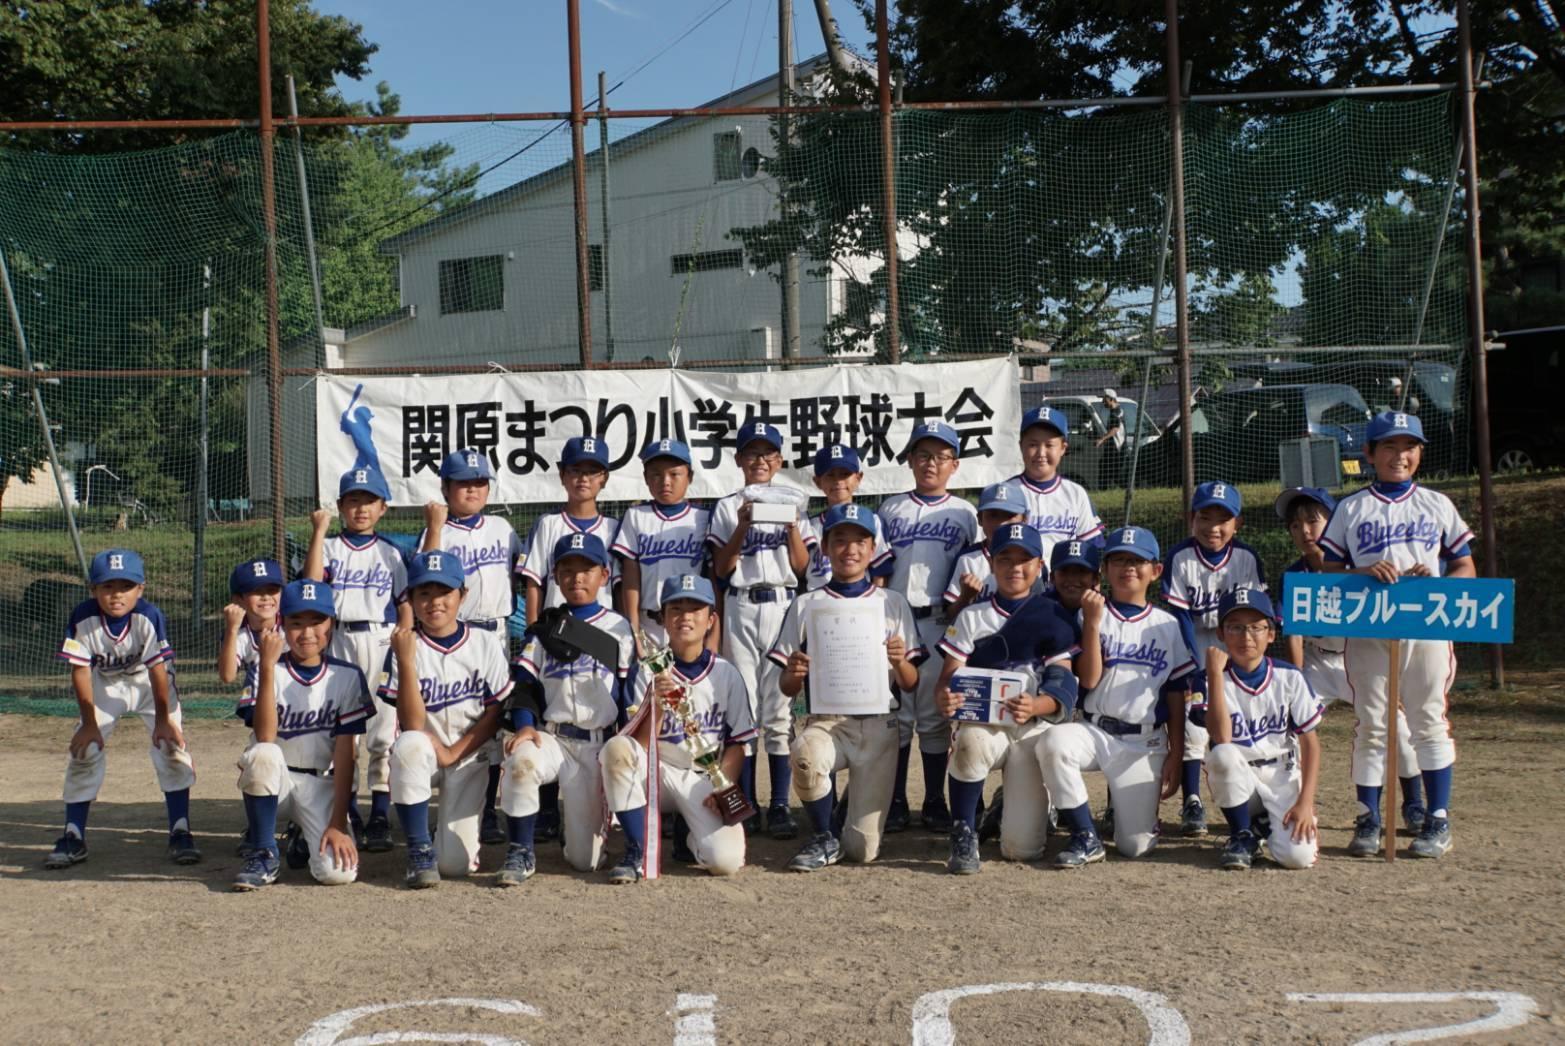 関原まつり 小学生野球大会 優勝しましたぁー!(^^)_b0095176_17283309.jpeg